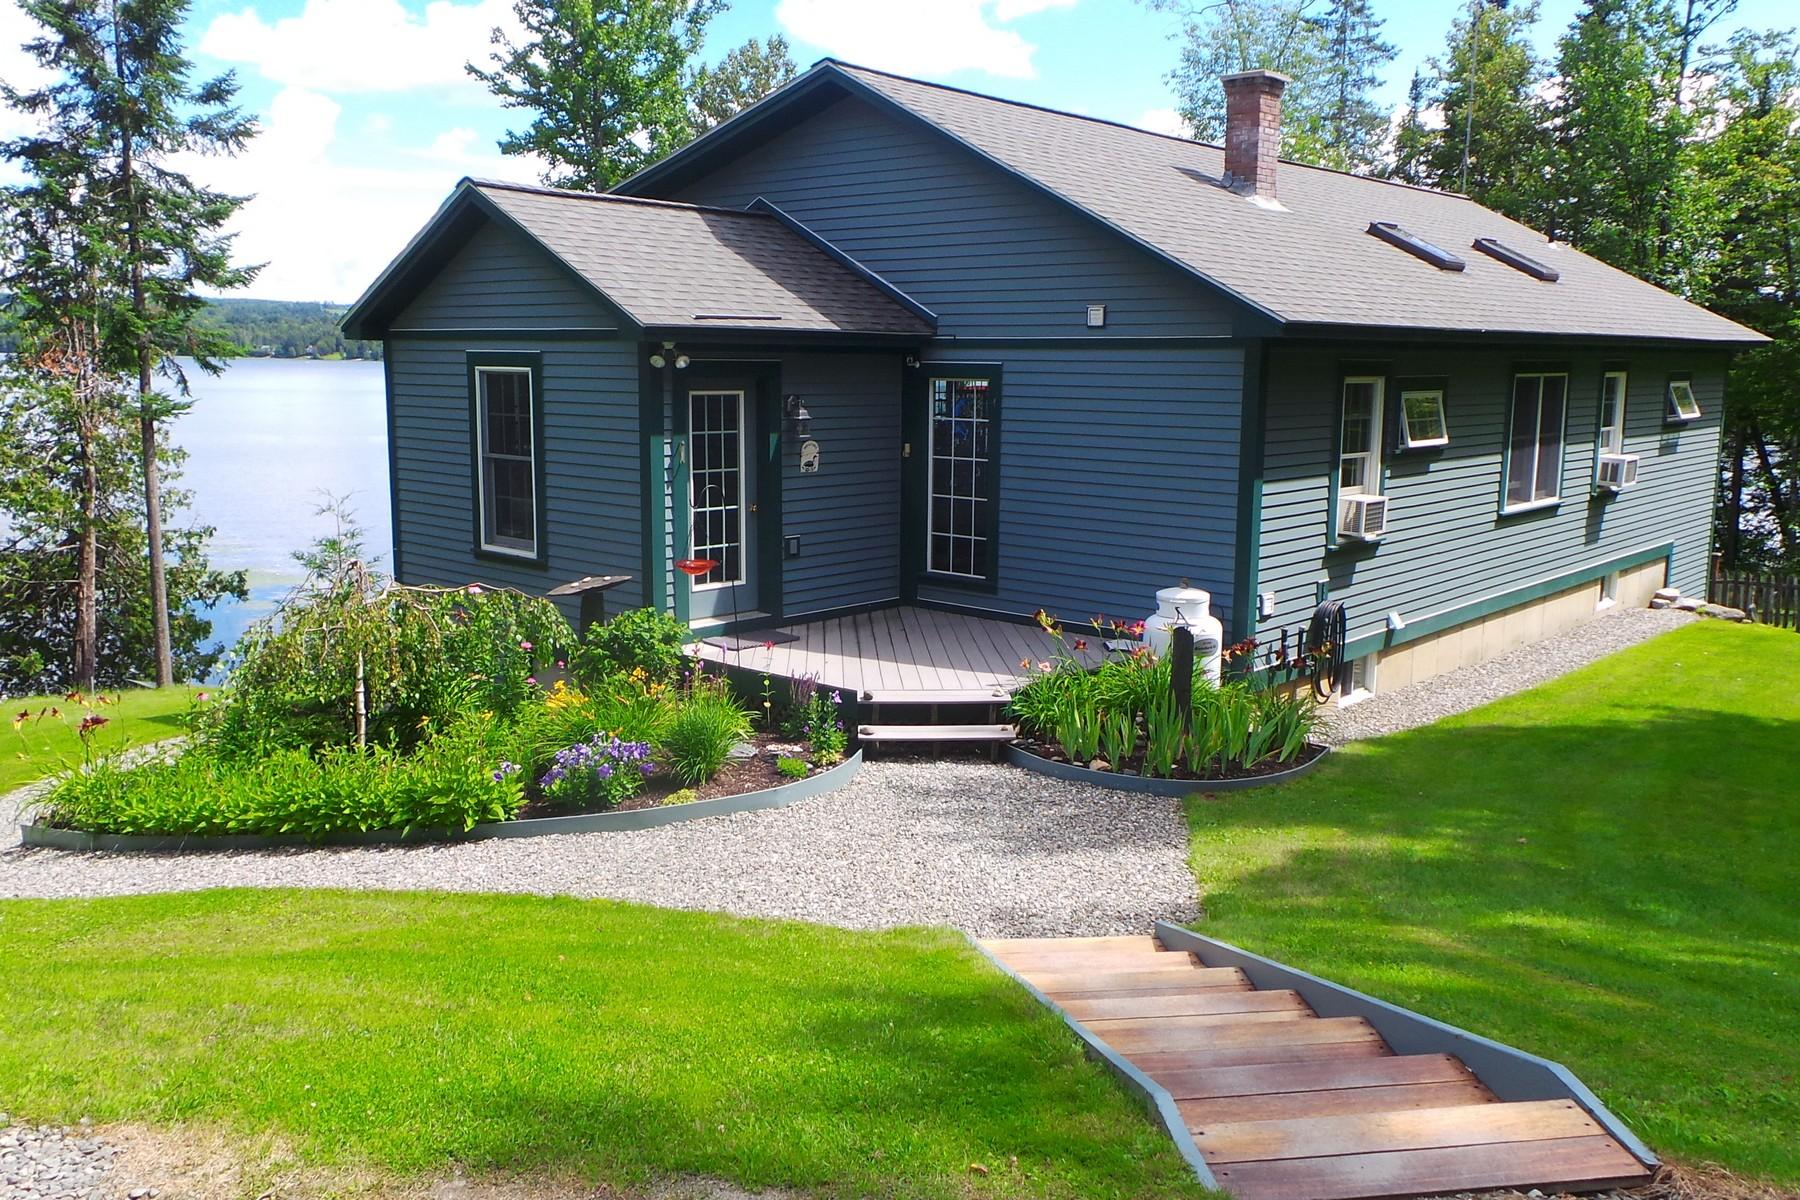 Casa Unifamiliar por un Venta en Lakefront Tranquility 2325 Vt 105 Rte Derby, Vermont 05829 Estados Unidos